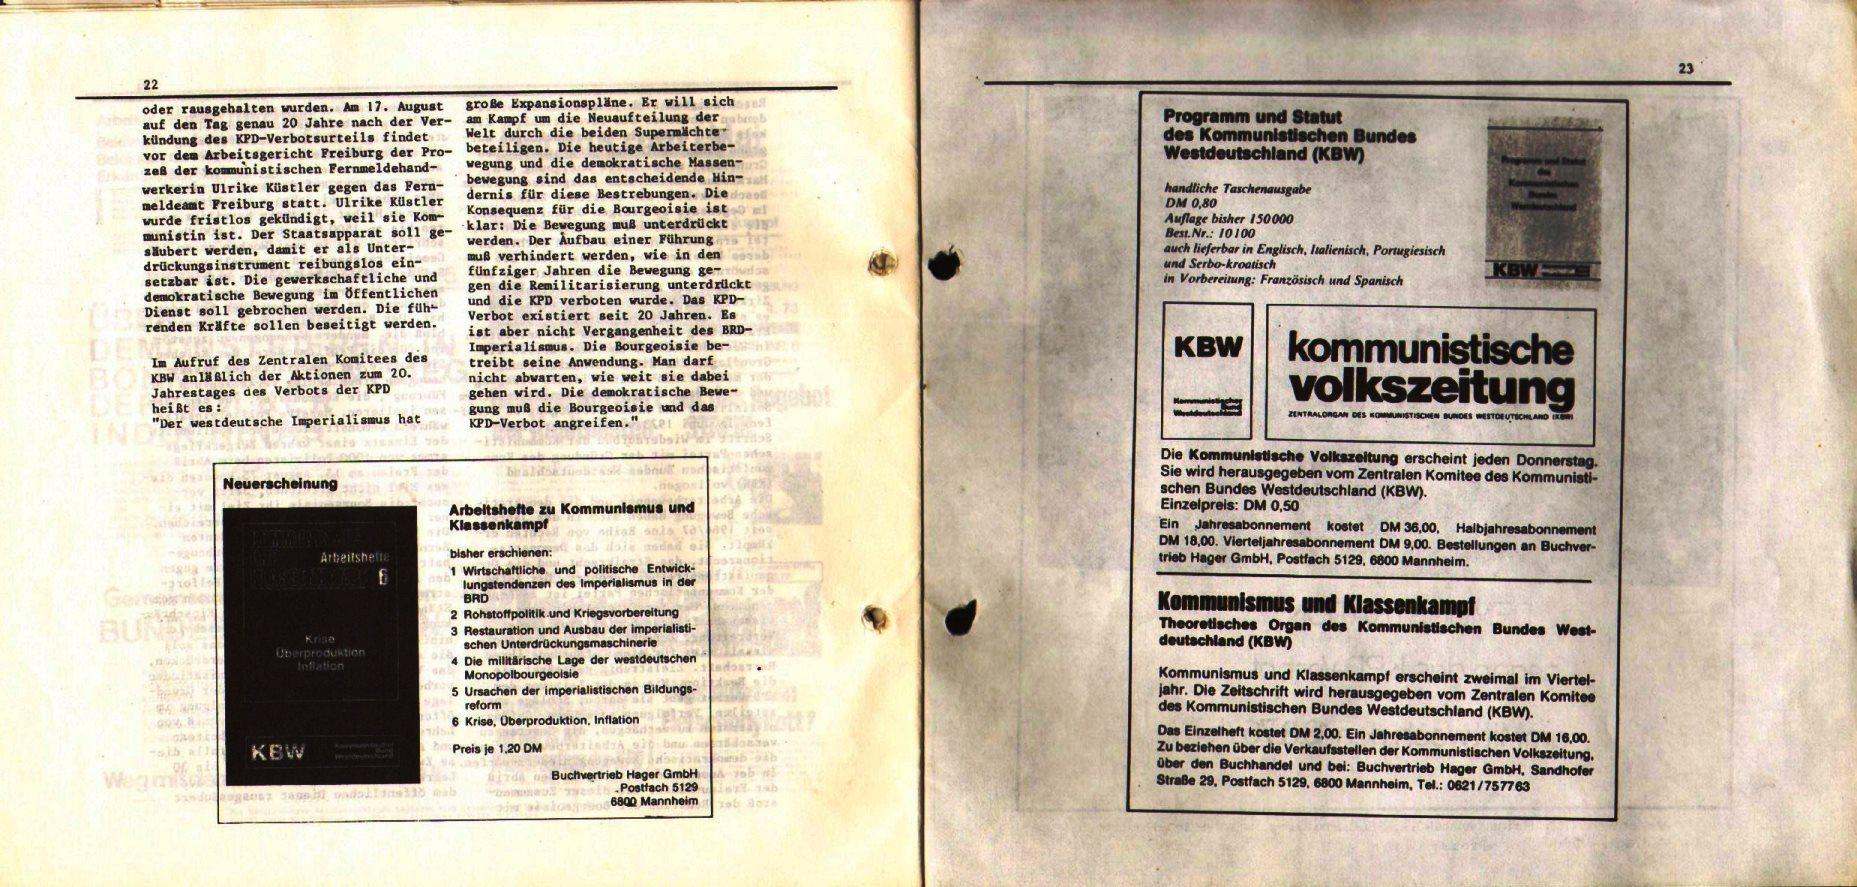 Freiburg_KBW_1975_Gemeinderatswahlen030